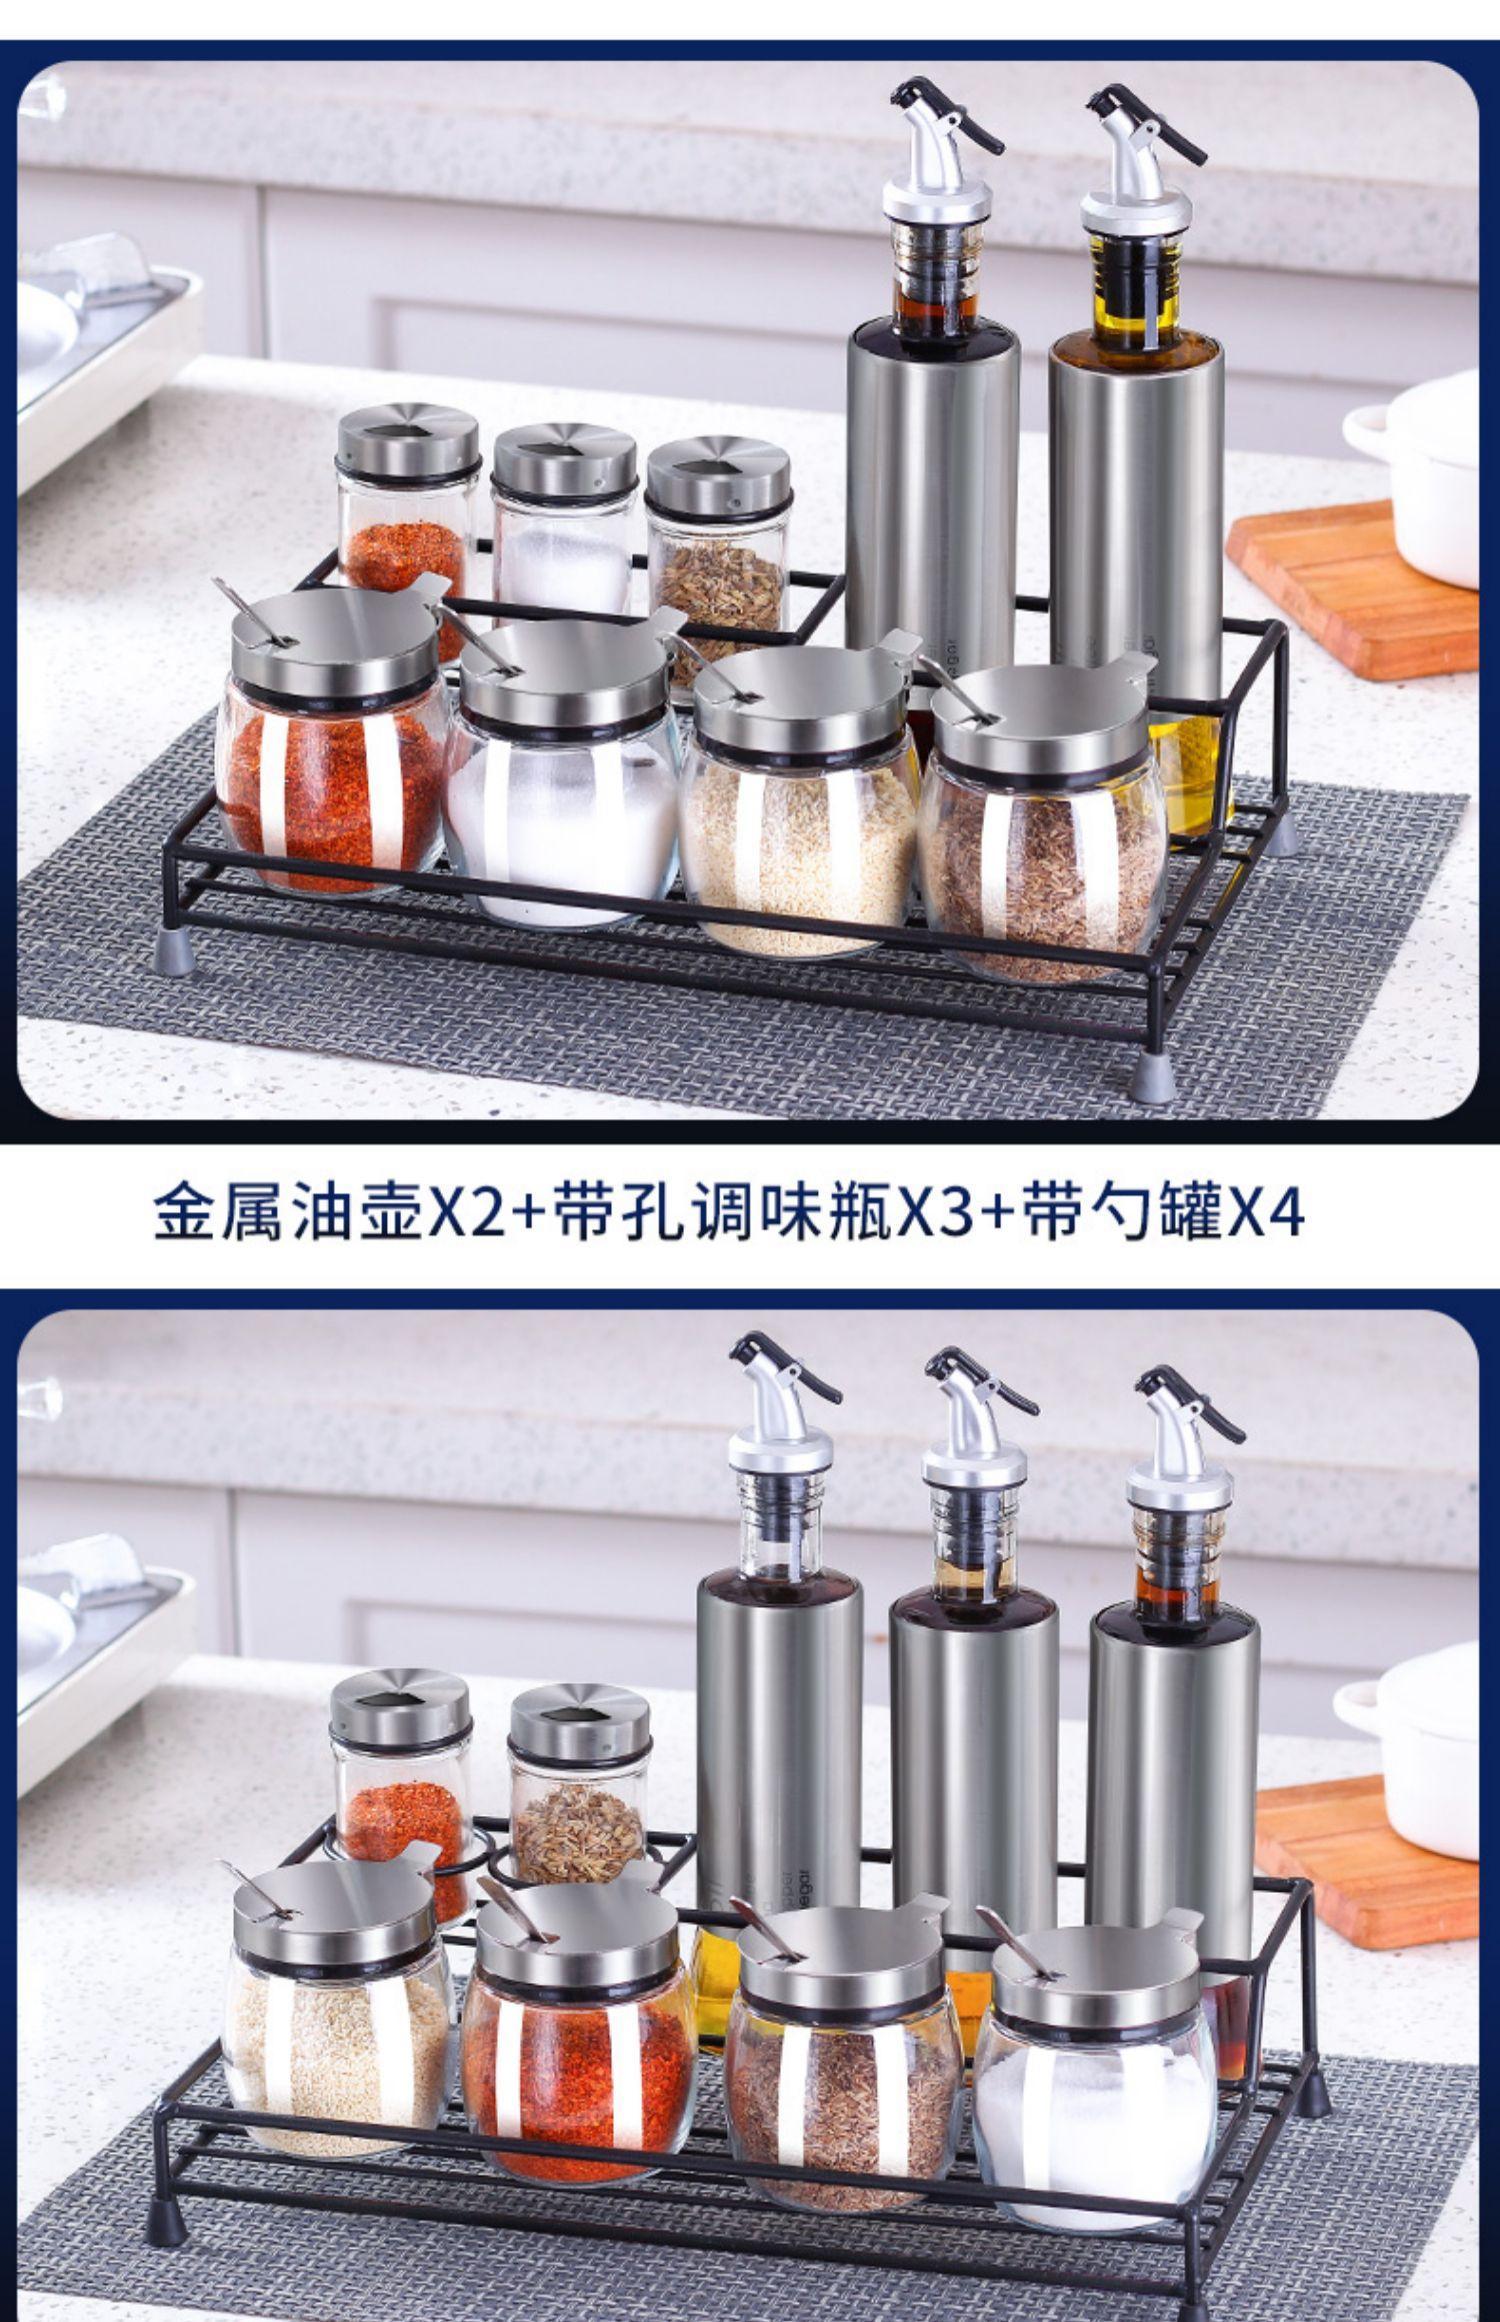 厨房调味罐盐罐玻璃罐子调料盒油壶家用调味料盒调料瓶套装组合装商品详情图